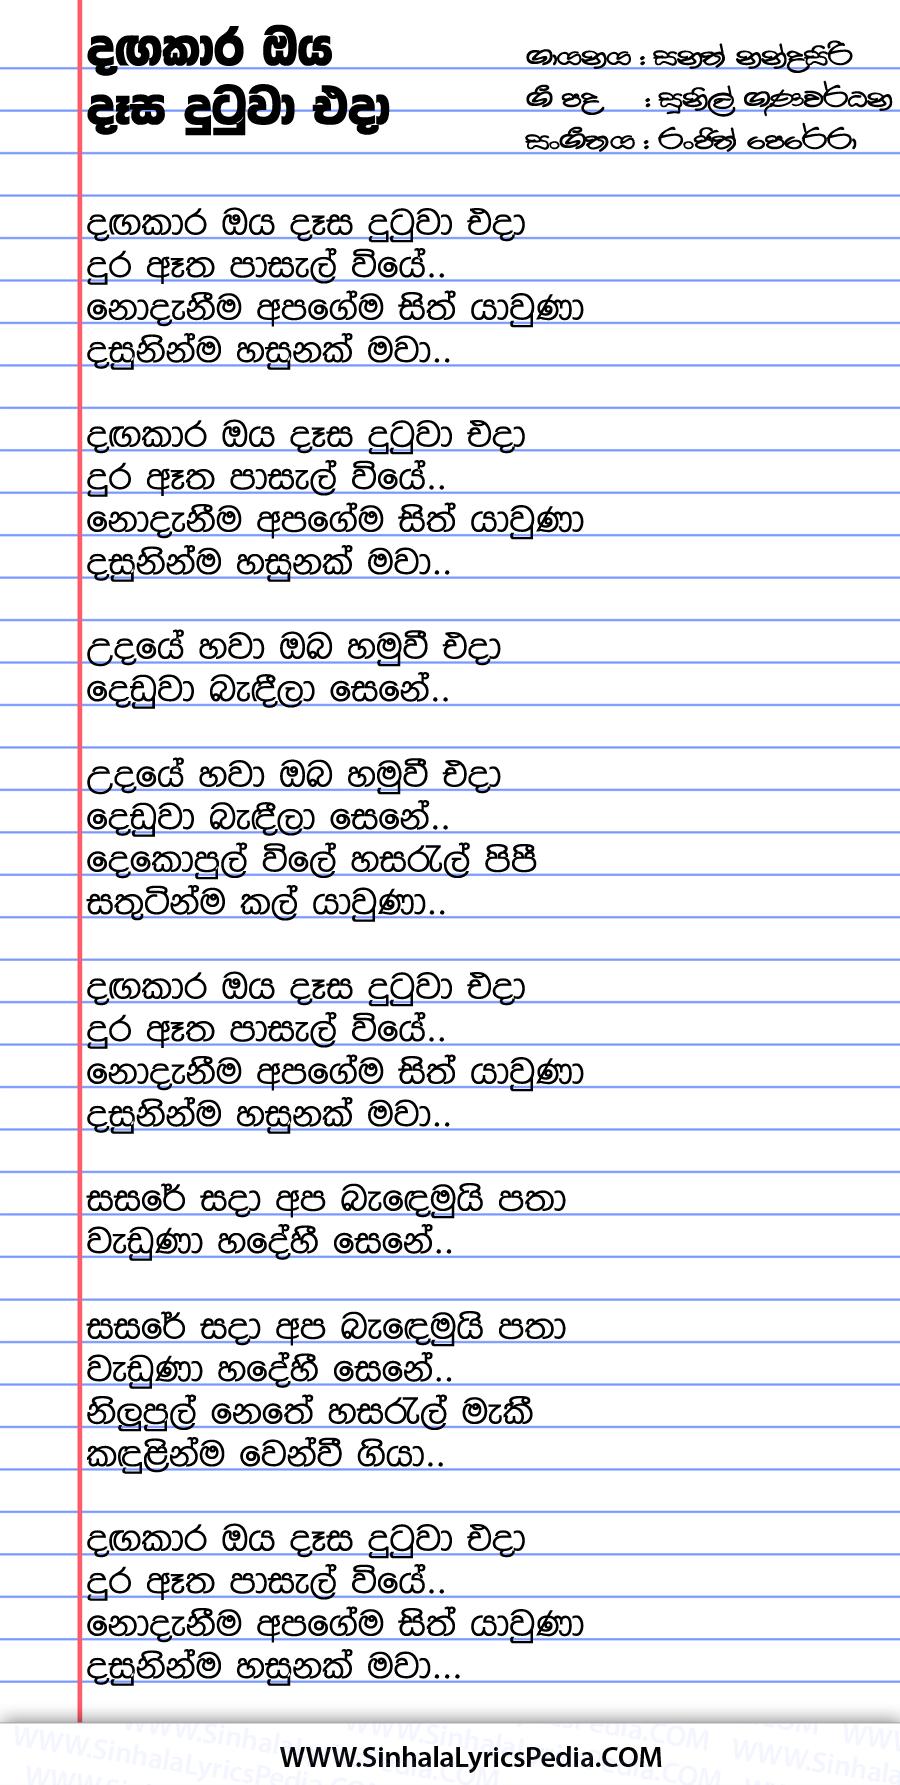 Dangakara Oya Dasa Dutuwa Eda Song Lyrics